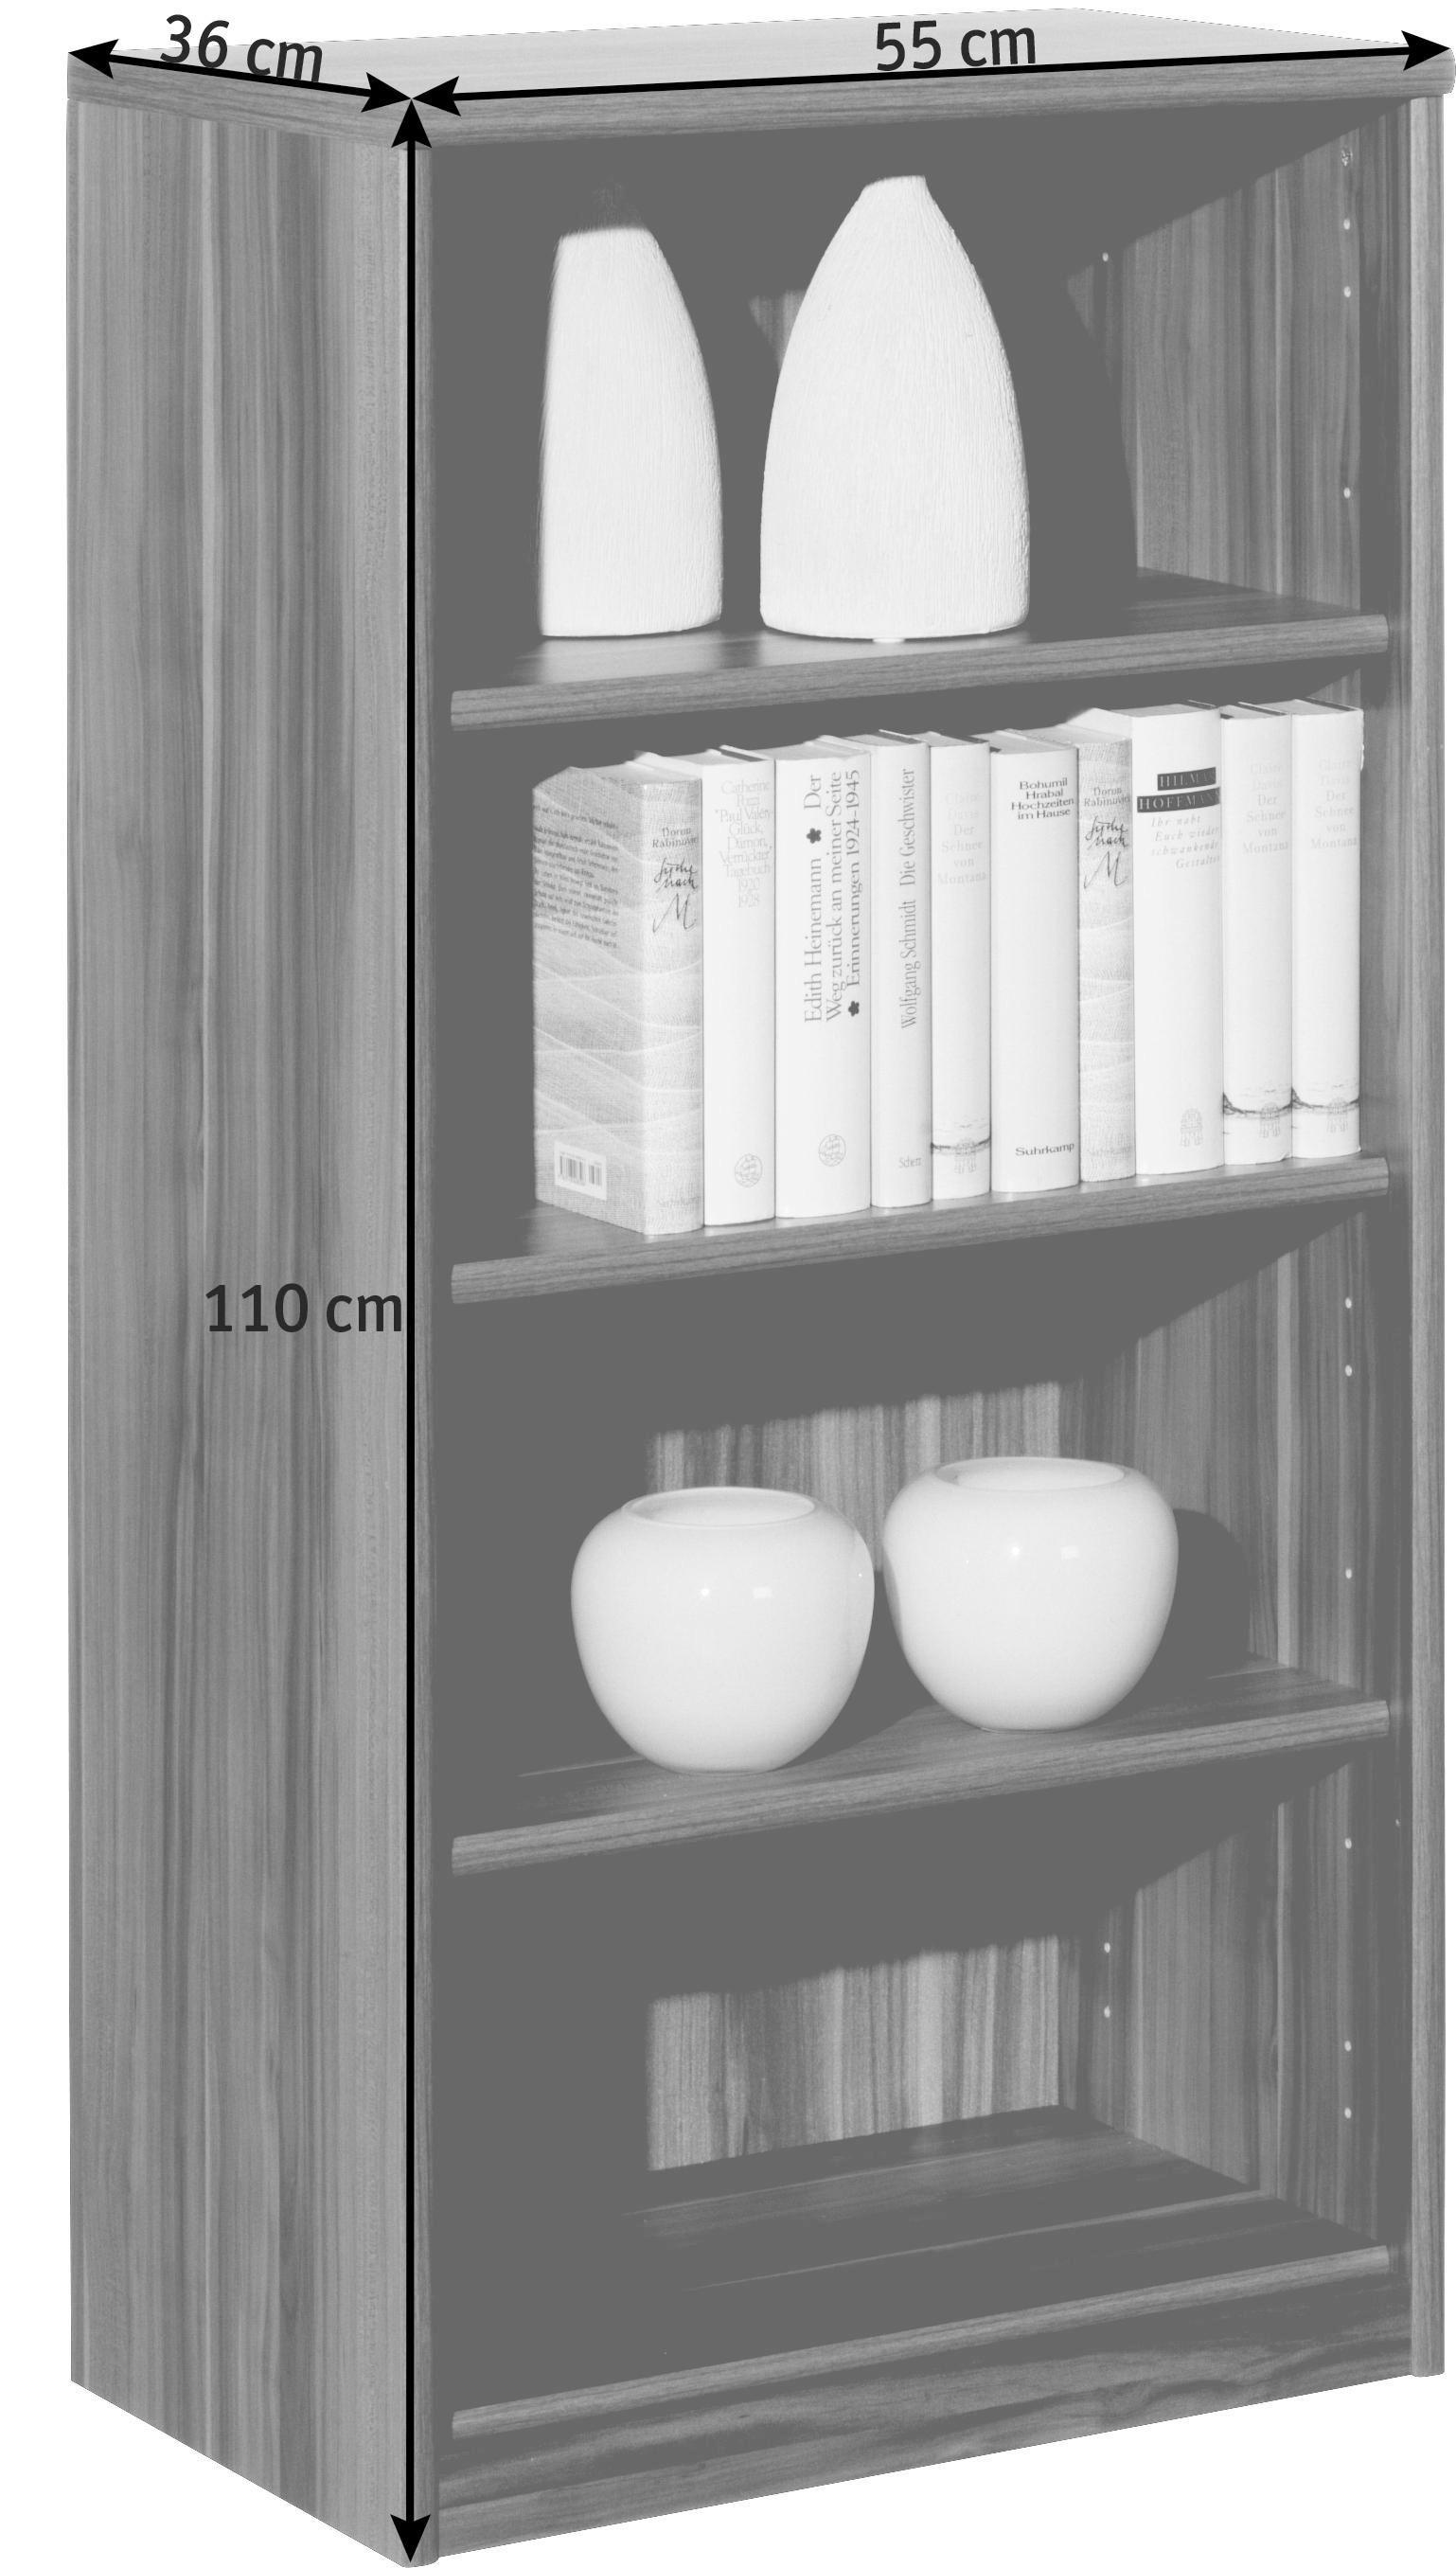 REGAL in Eichefarben - Eichefarben, KONVENTIONELL, Holzwerkstoff (55/110/36cm) - CS SCHMAL